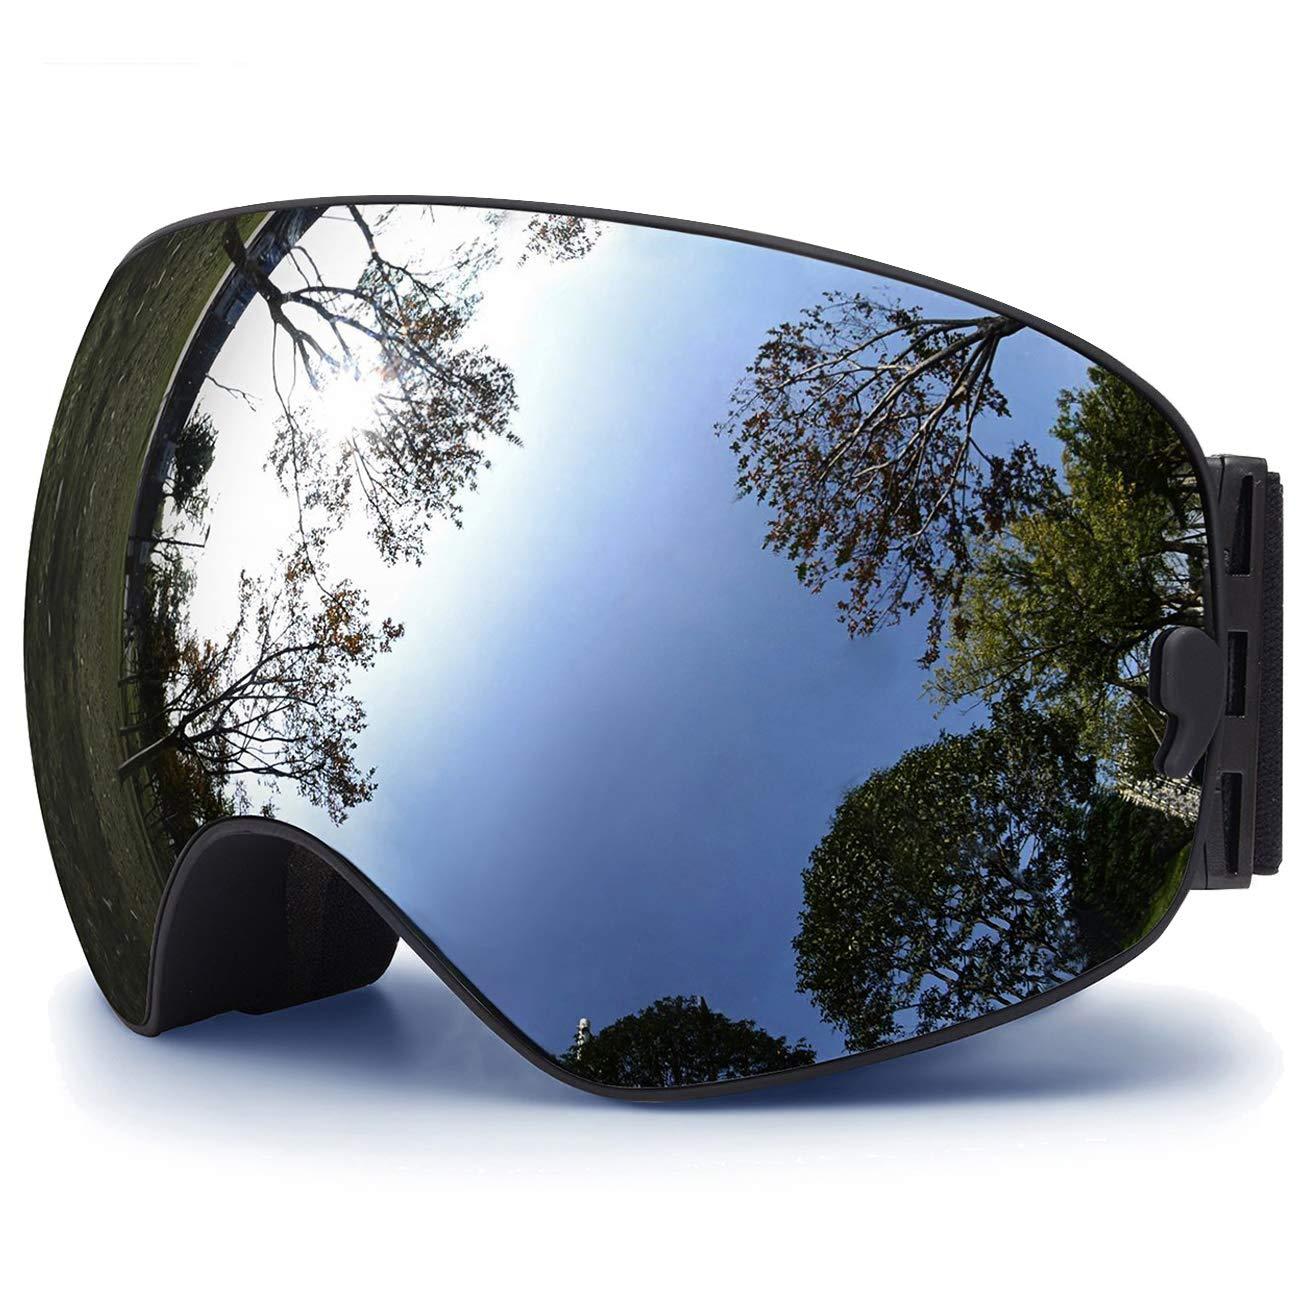 TUONROAD Occhiali da Sci, Occhiali da Sci,Goggles Maschera Occhiali antinebbia Protezione Occhiali da Sci UV400 Dotati di Doppia Lente, Anti-Nebbia, Anti-Vento, Grandangolare Sferica Silver